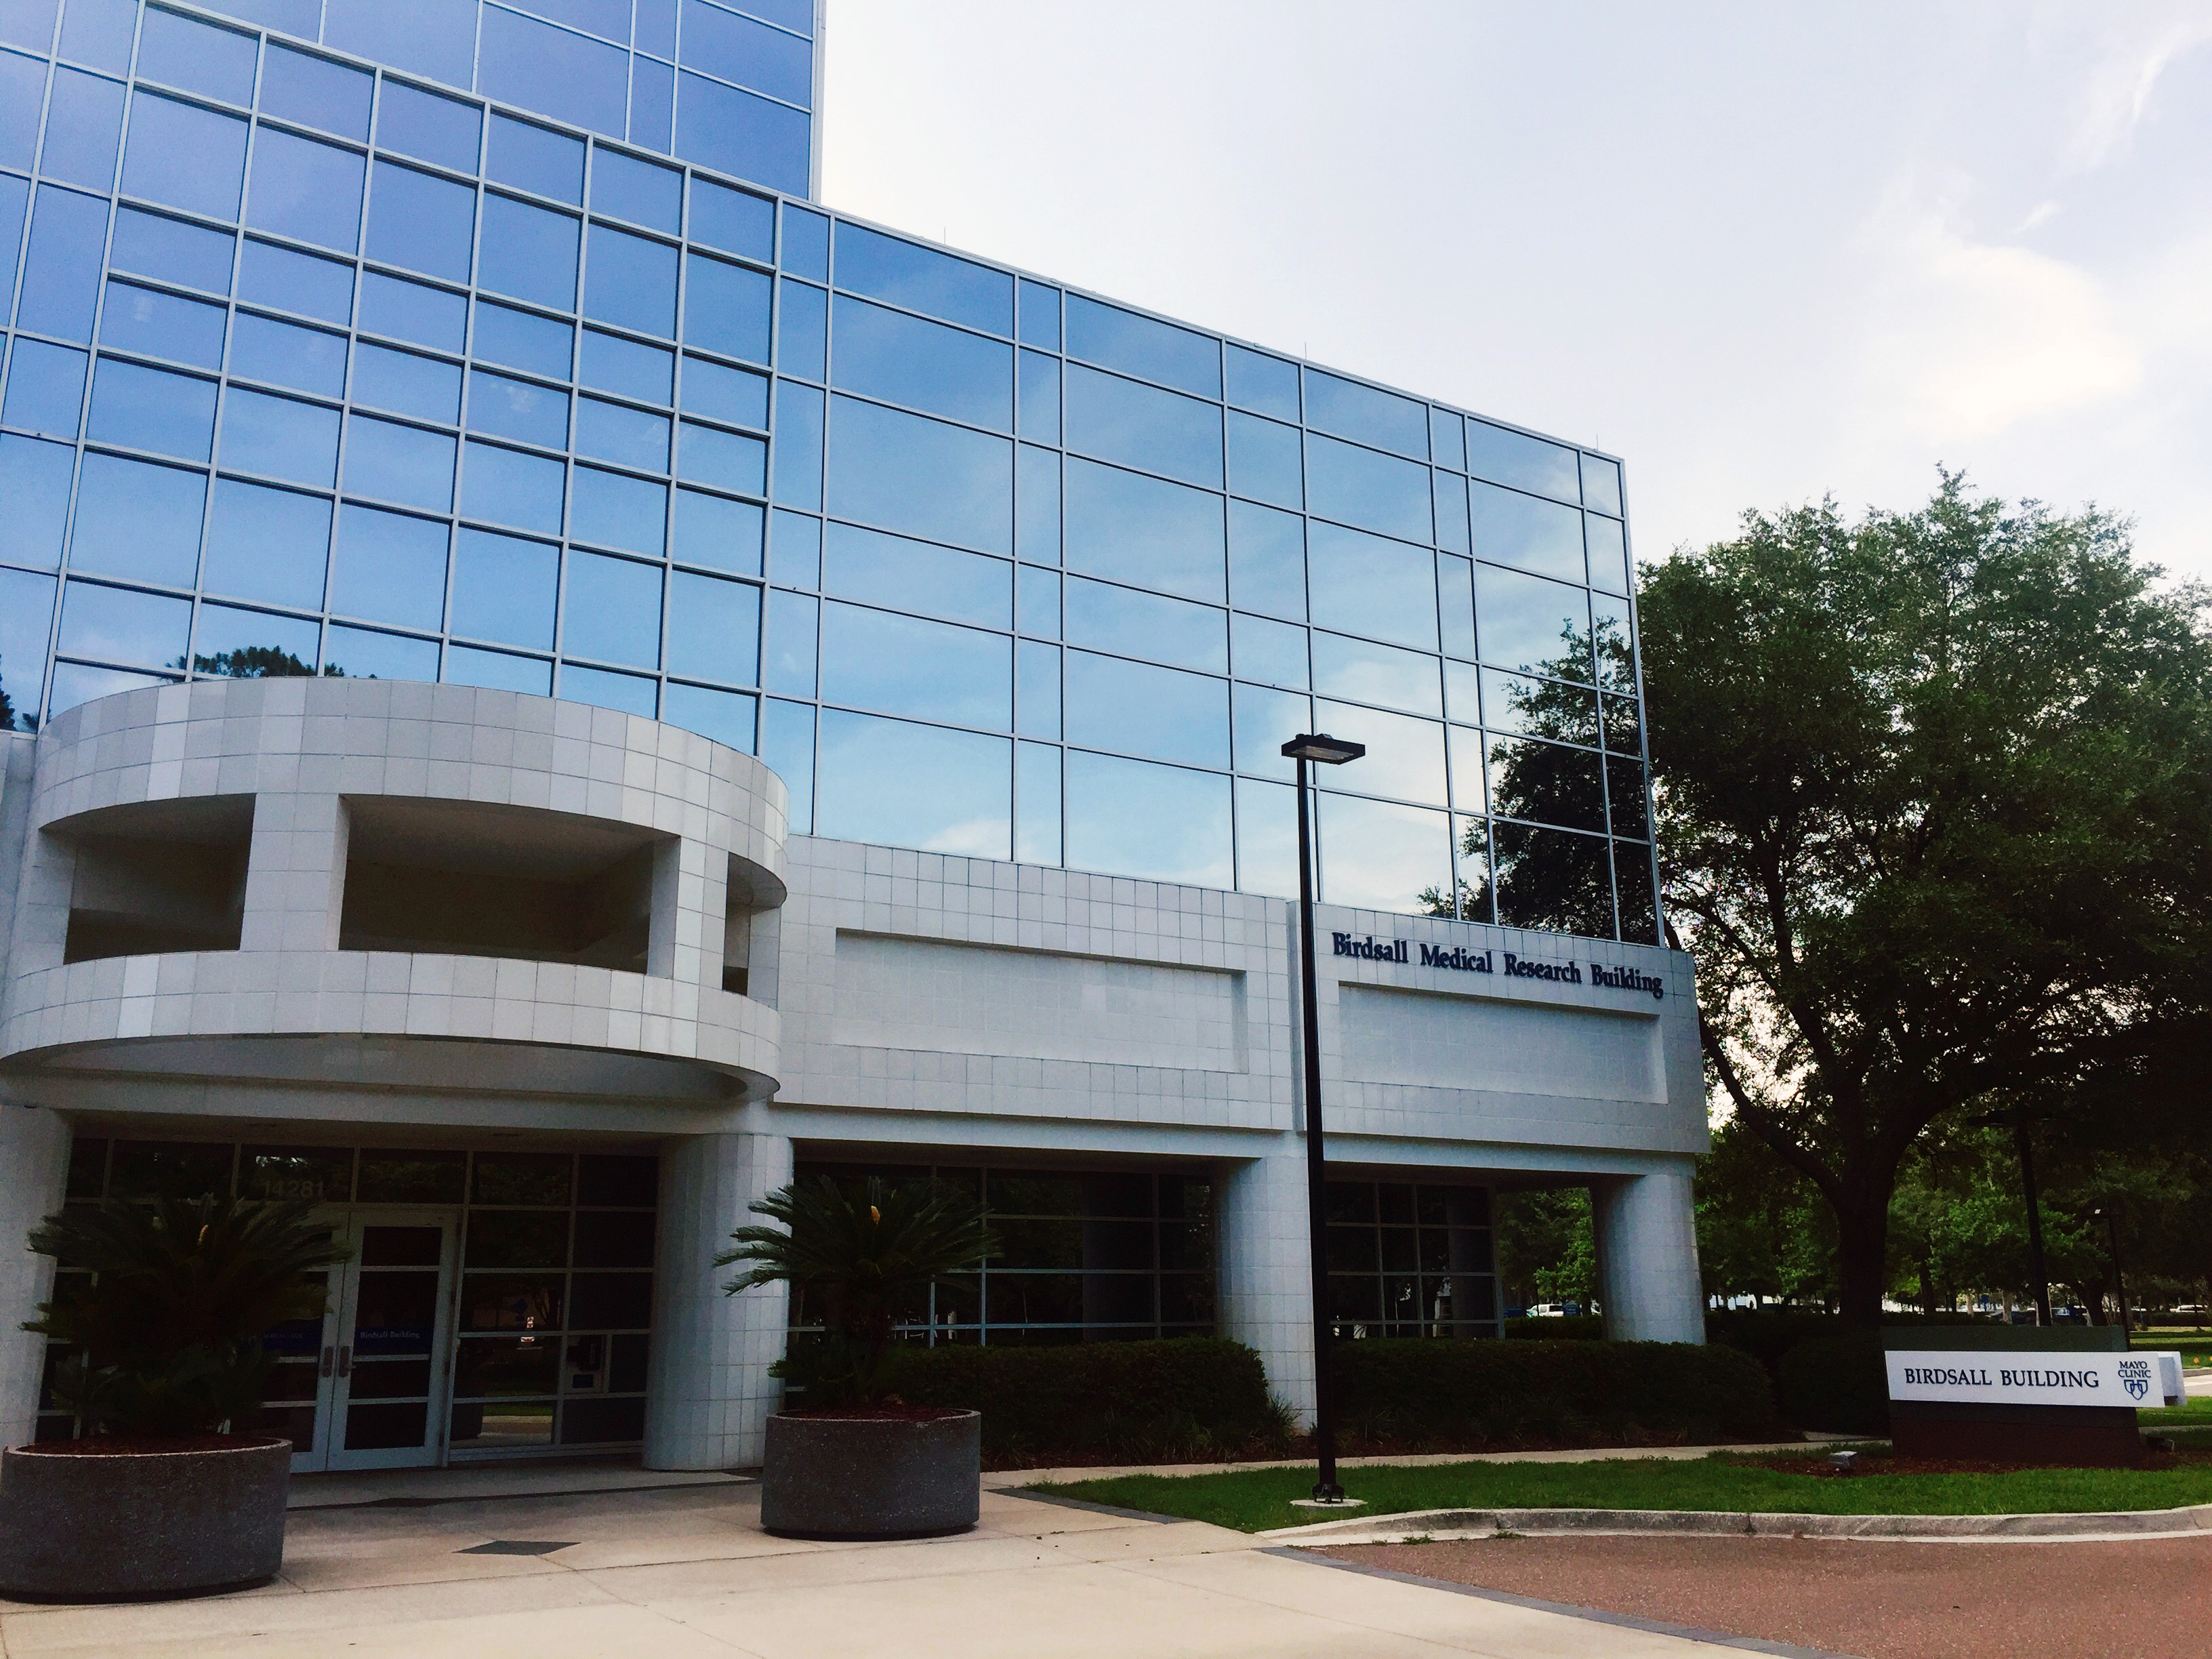 Mayo Clinic Florida - Wikipedia